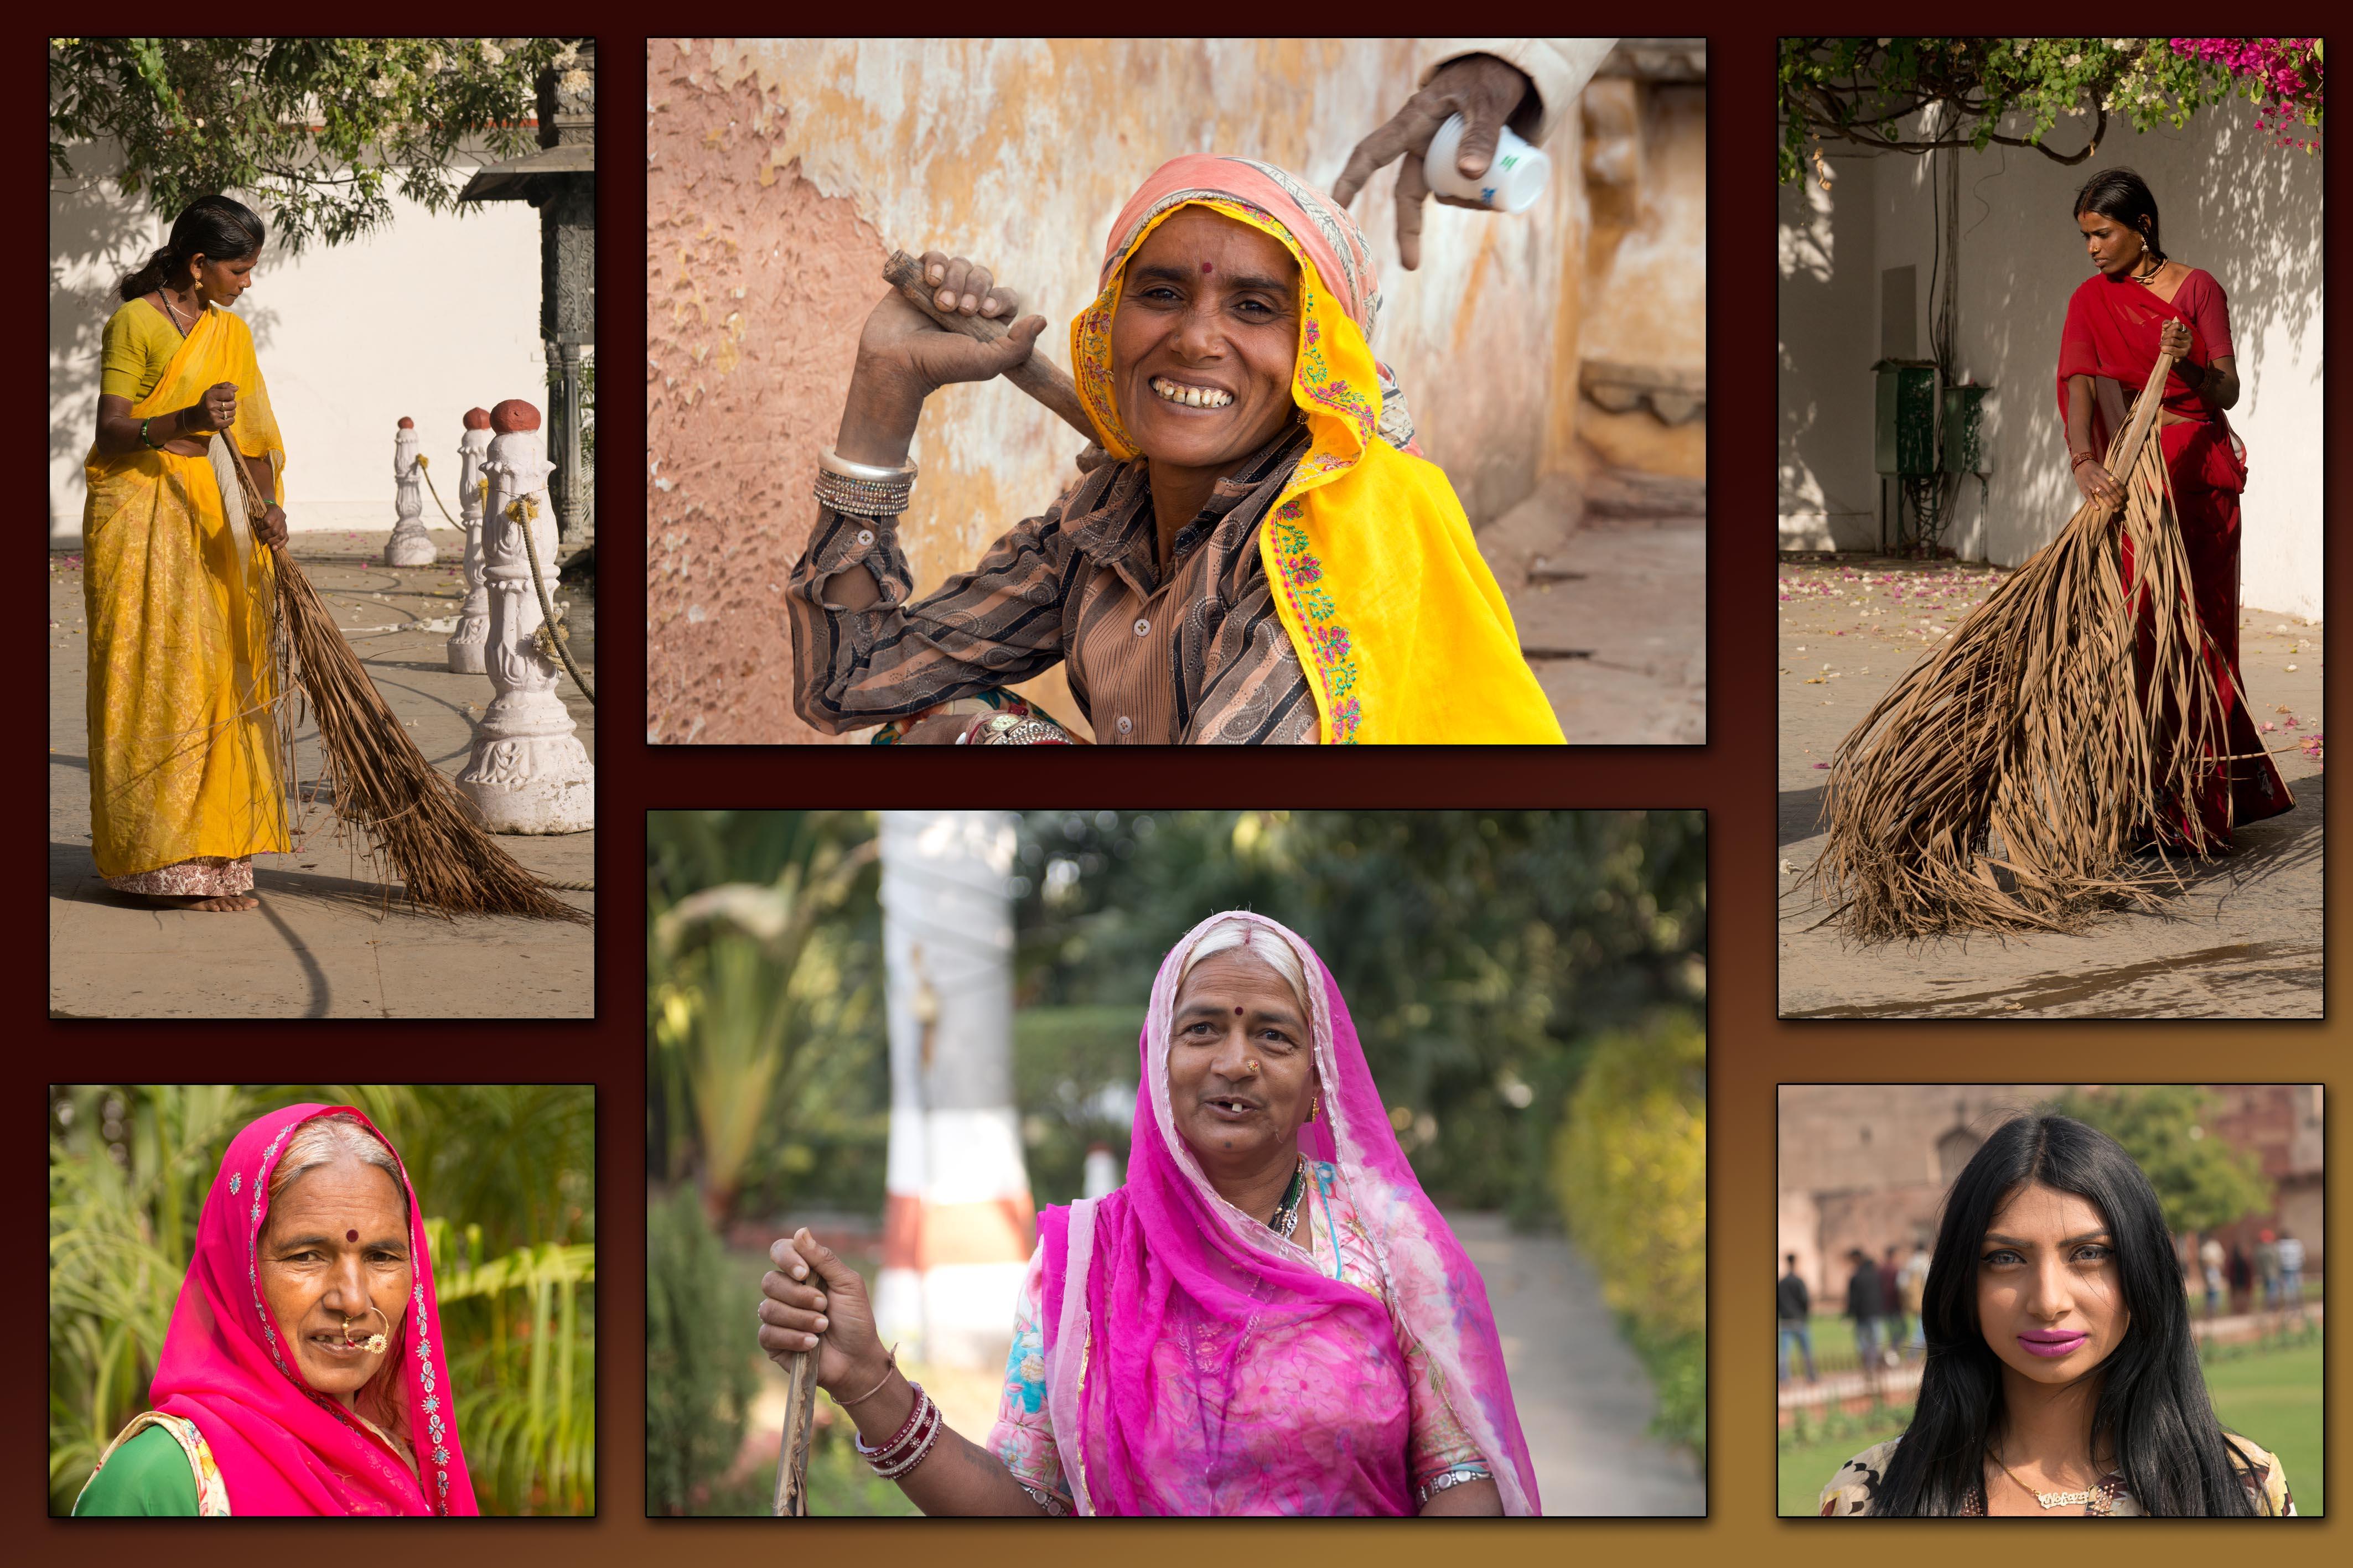 אנשים בהודו - 1.2 מיליארד תושבים